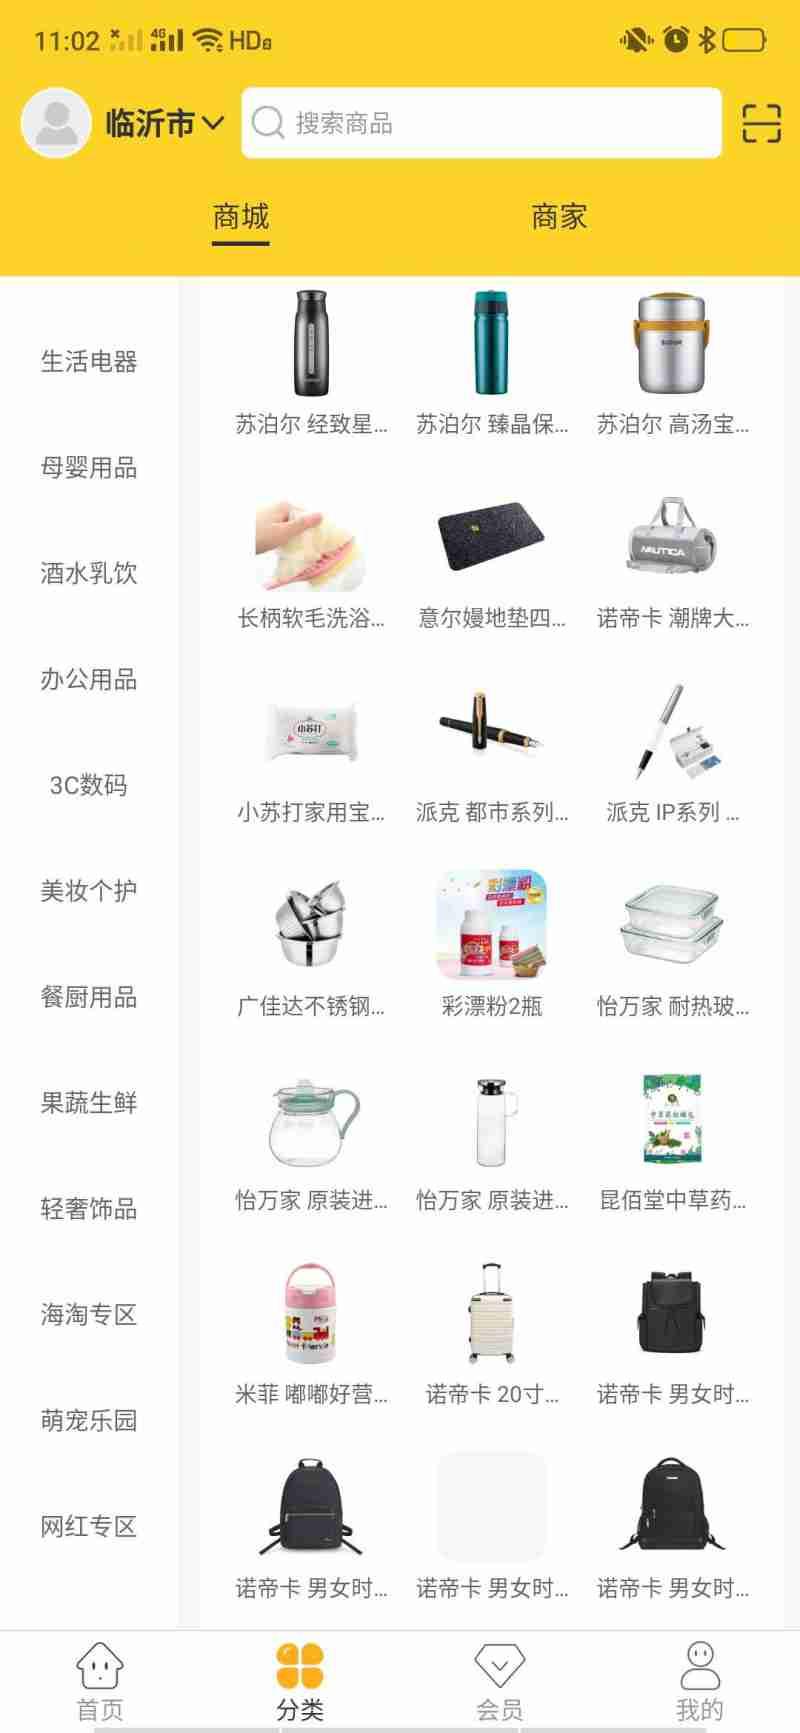 北京智敏骏业科技有限公司